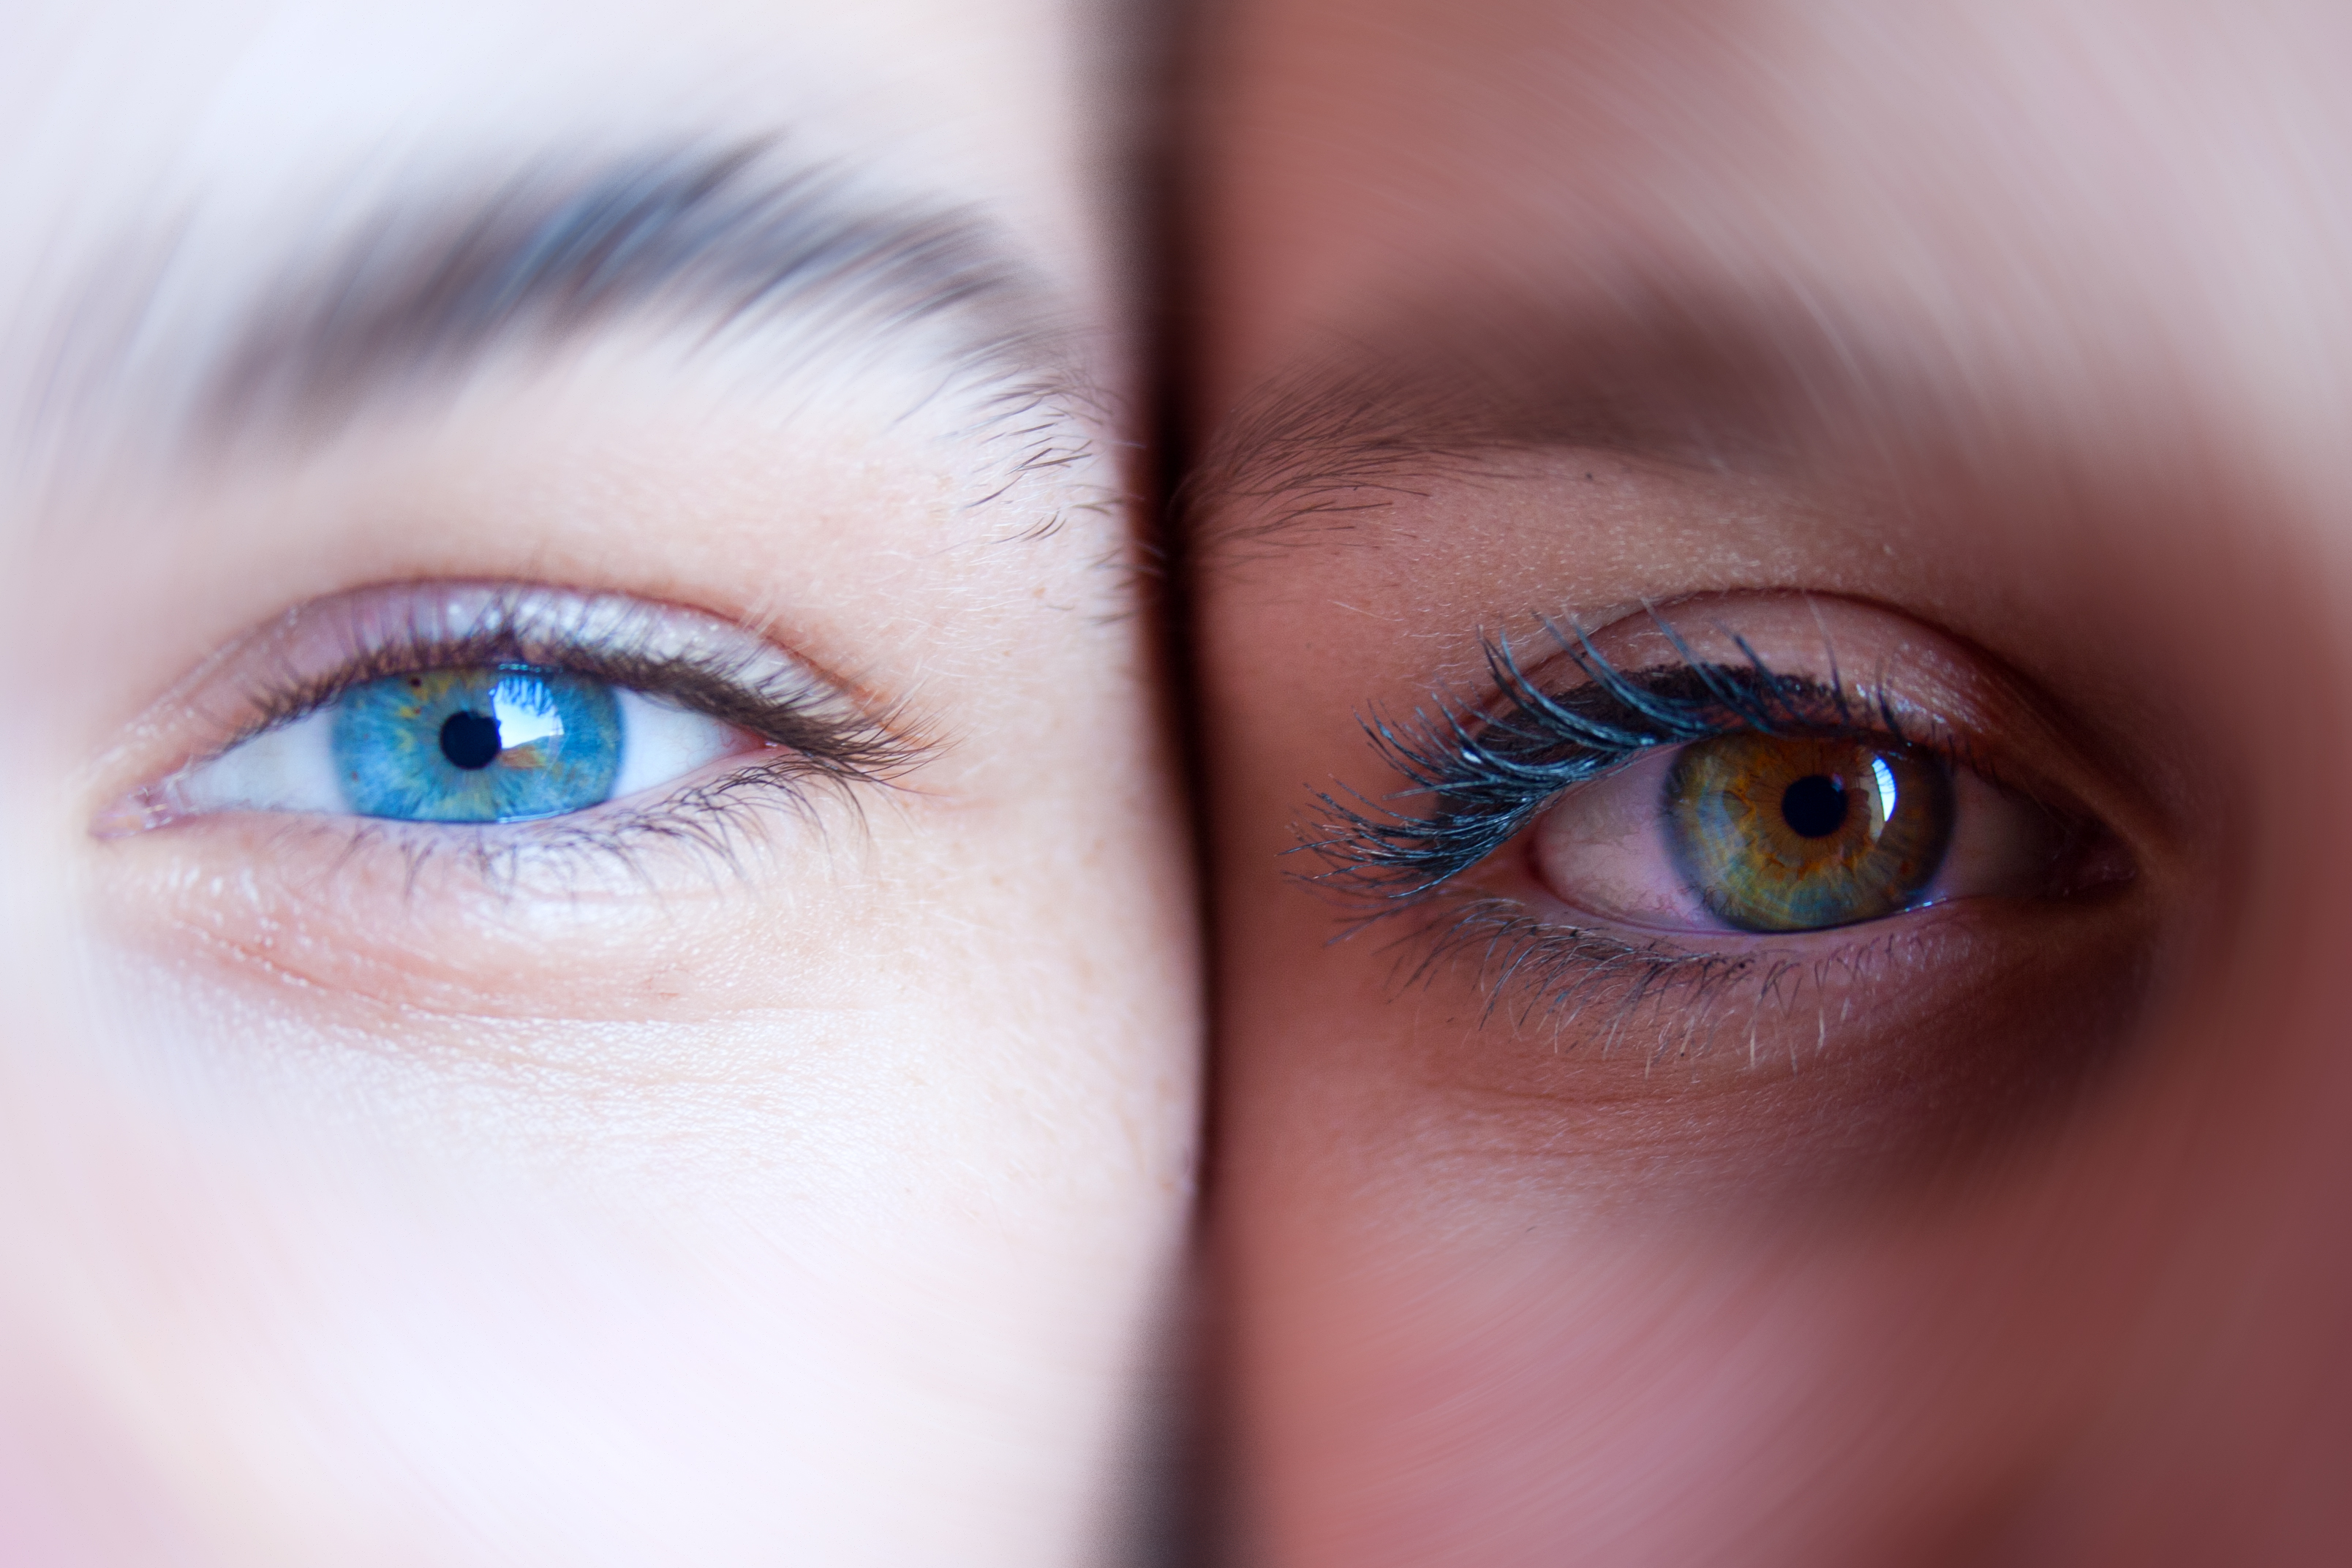 Dos ojos de colores - 3216x2144